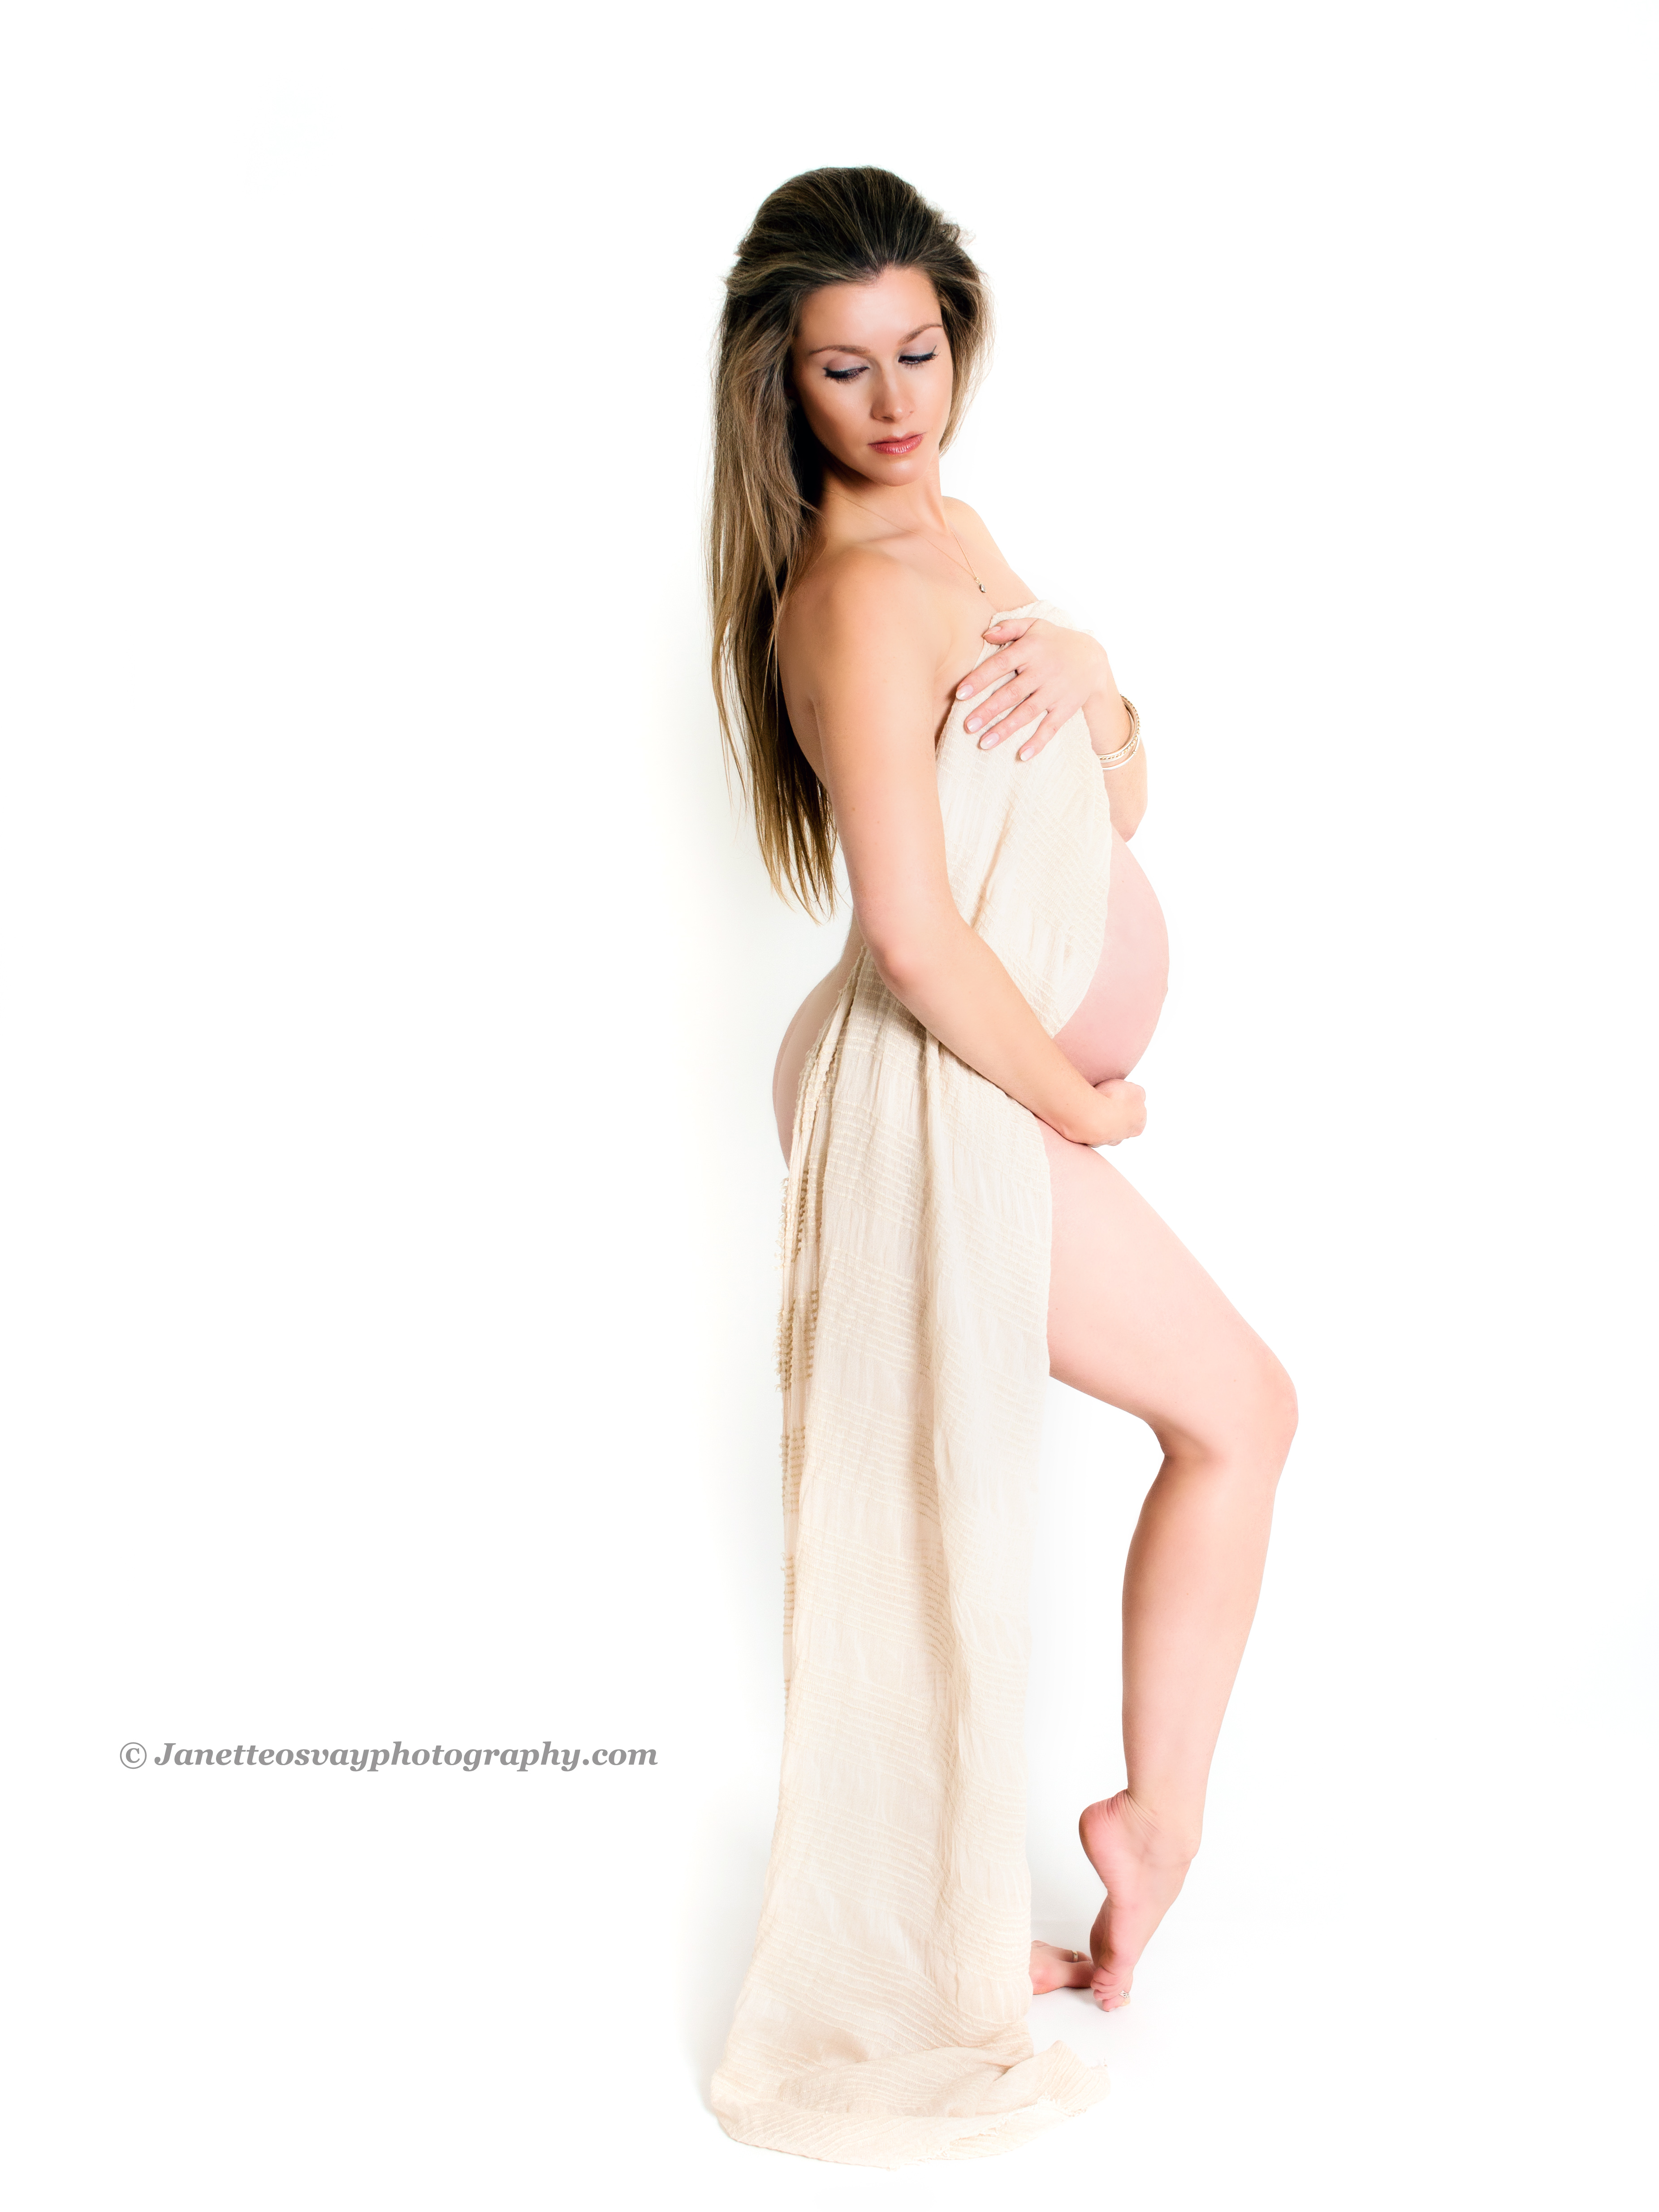 pregnancy photo shoot sydney